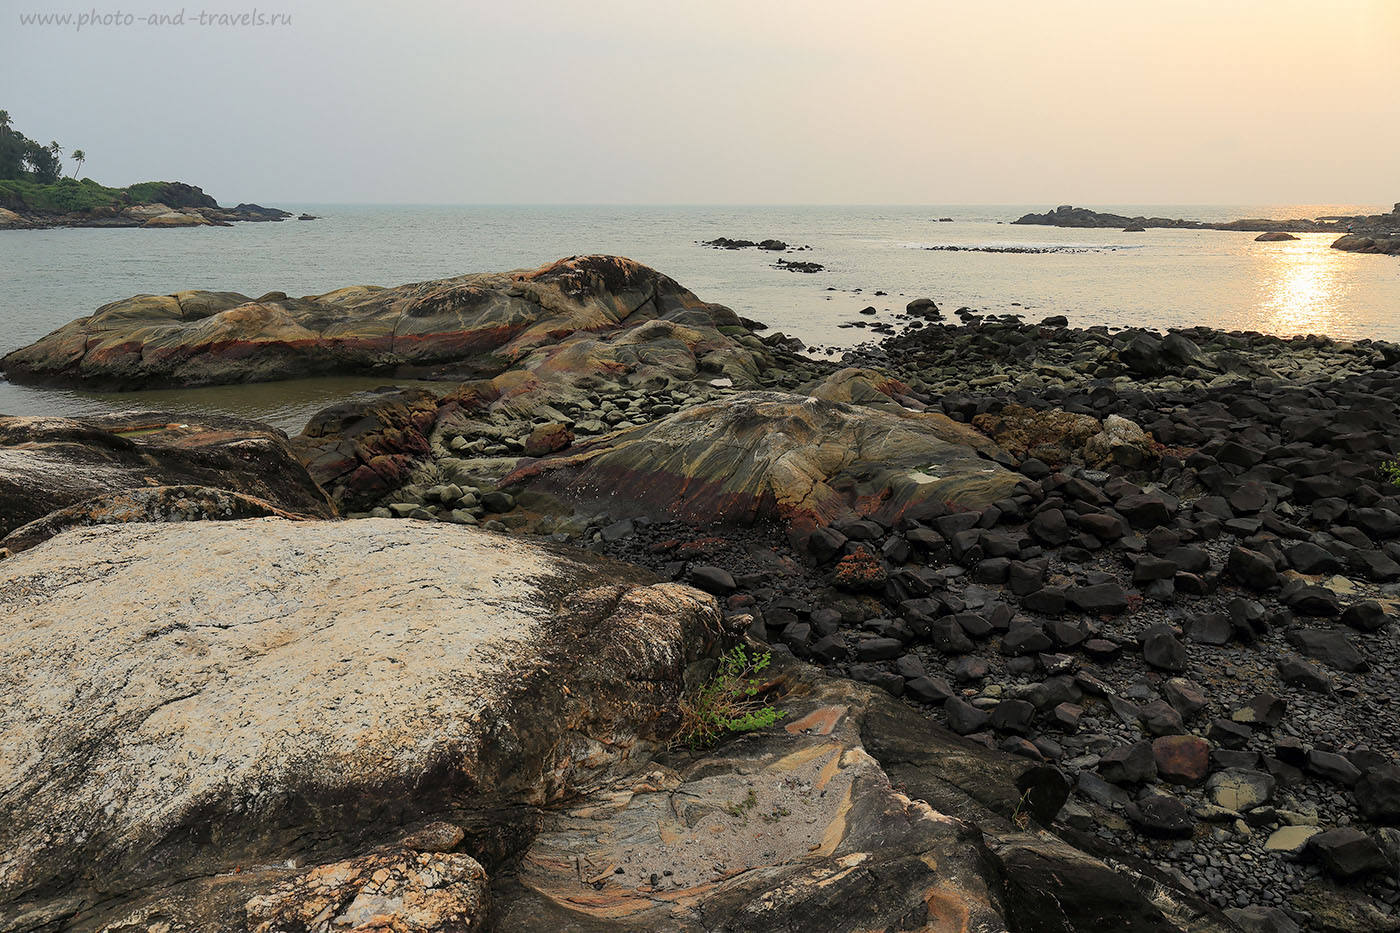 Фото 15. Камни-валуны. Пляж Colomb Beach к югу от Палолема. Отдых на Южном Гоа самостоятельно. Отчеты туристов о поездке в Индию (24-70, 1/160, -1eV, f9, 24 mm, ISO 100)